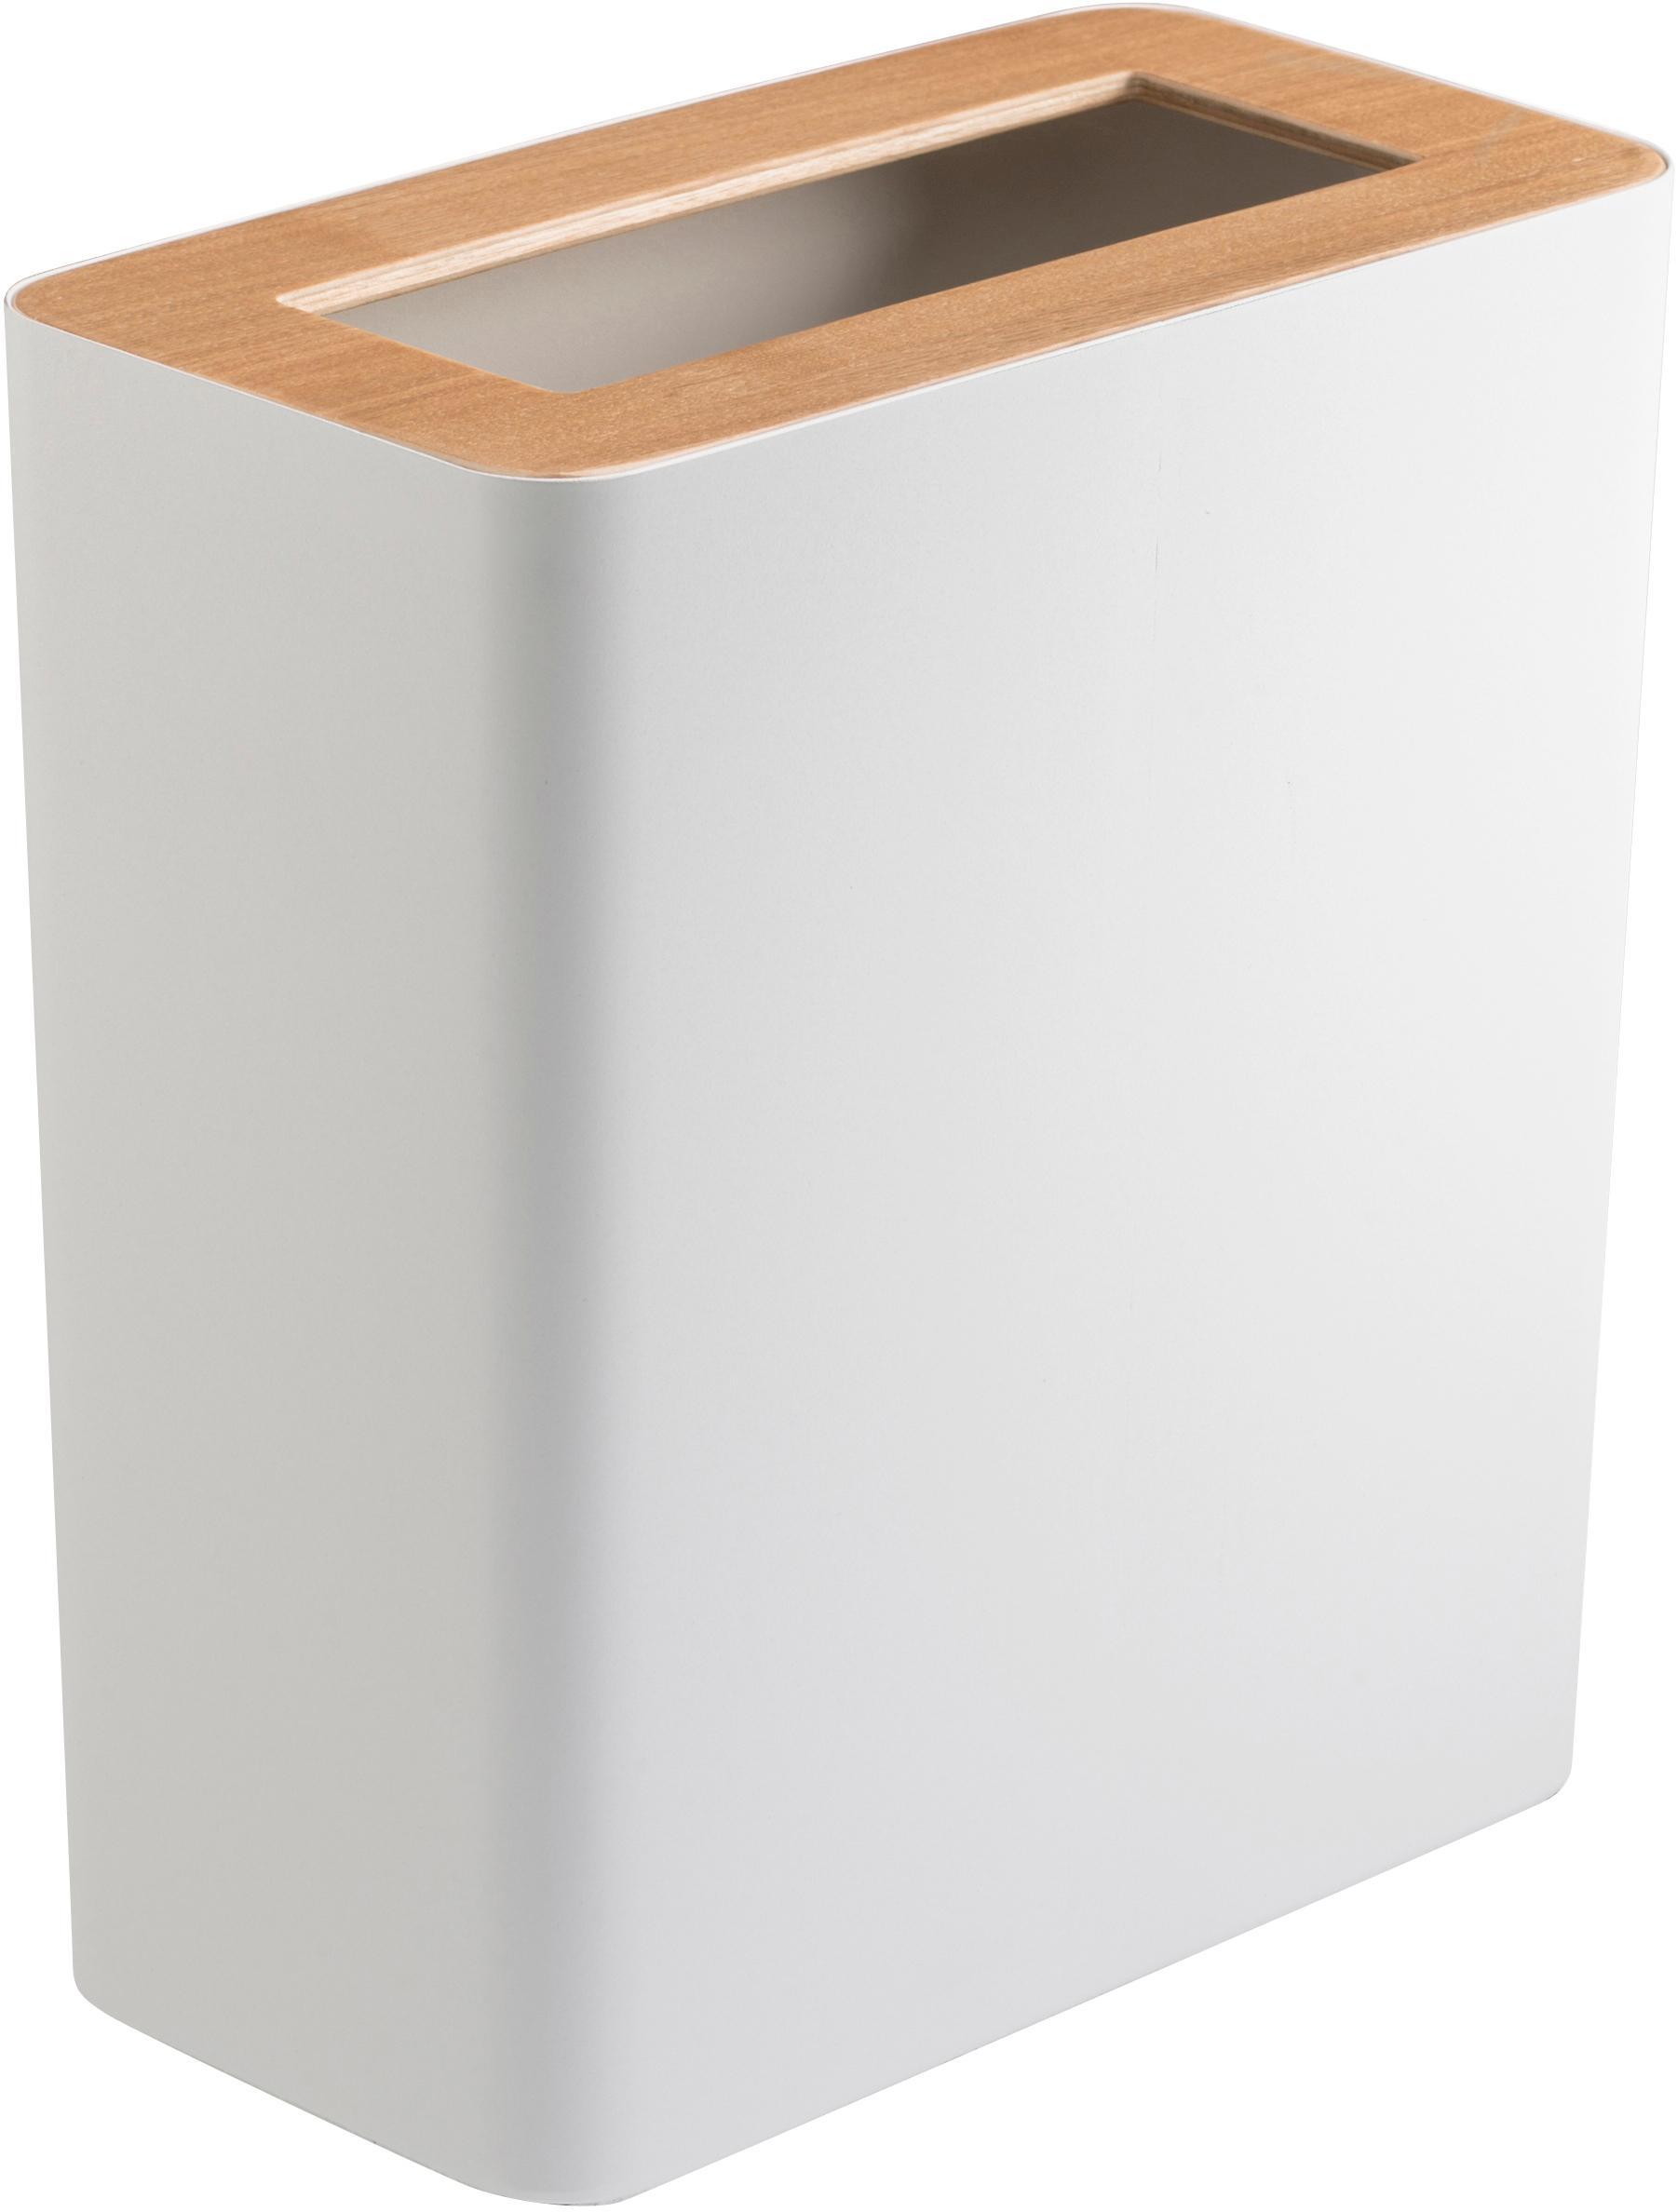 Kosz na śmieci Rin z lakierowanej stali, Czarny, ciemnobrązowy, S 28 x W 30 cm